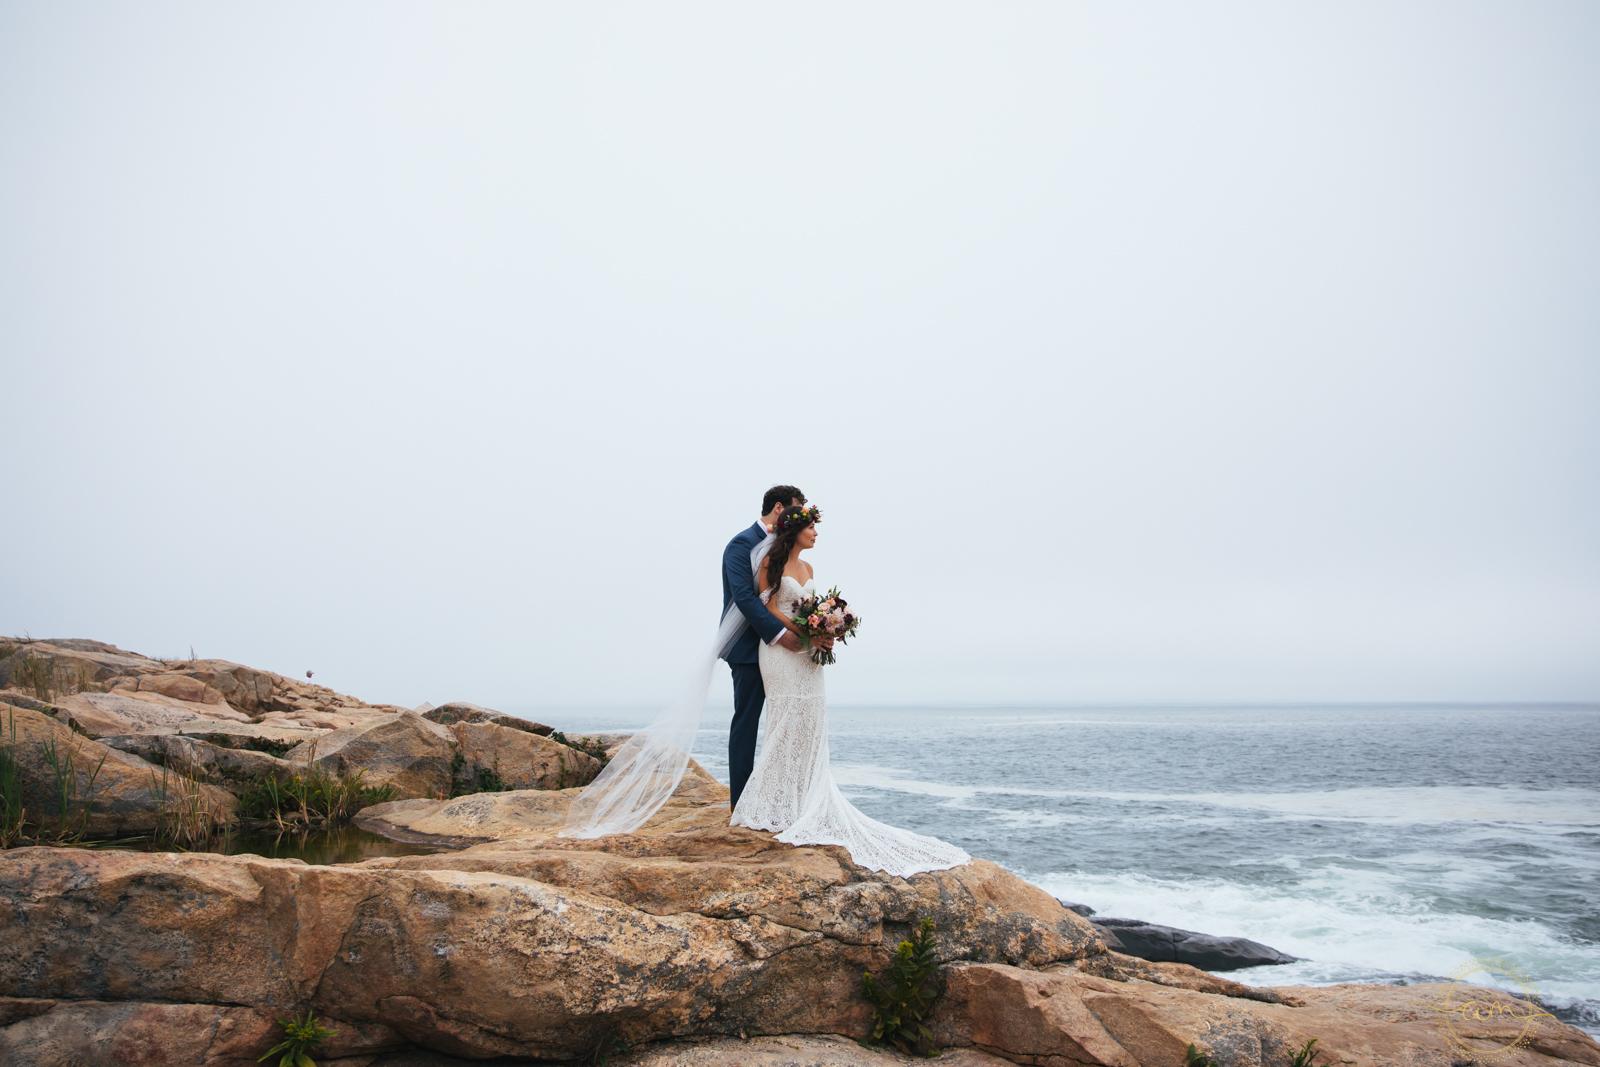 Narragansett-RI-Beach-Wedding-Amanda-Morgan-31.jpg